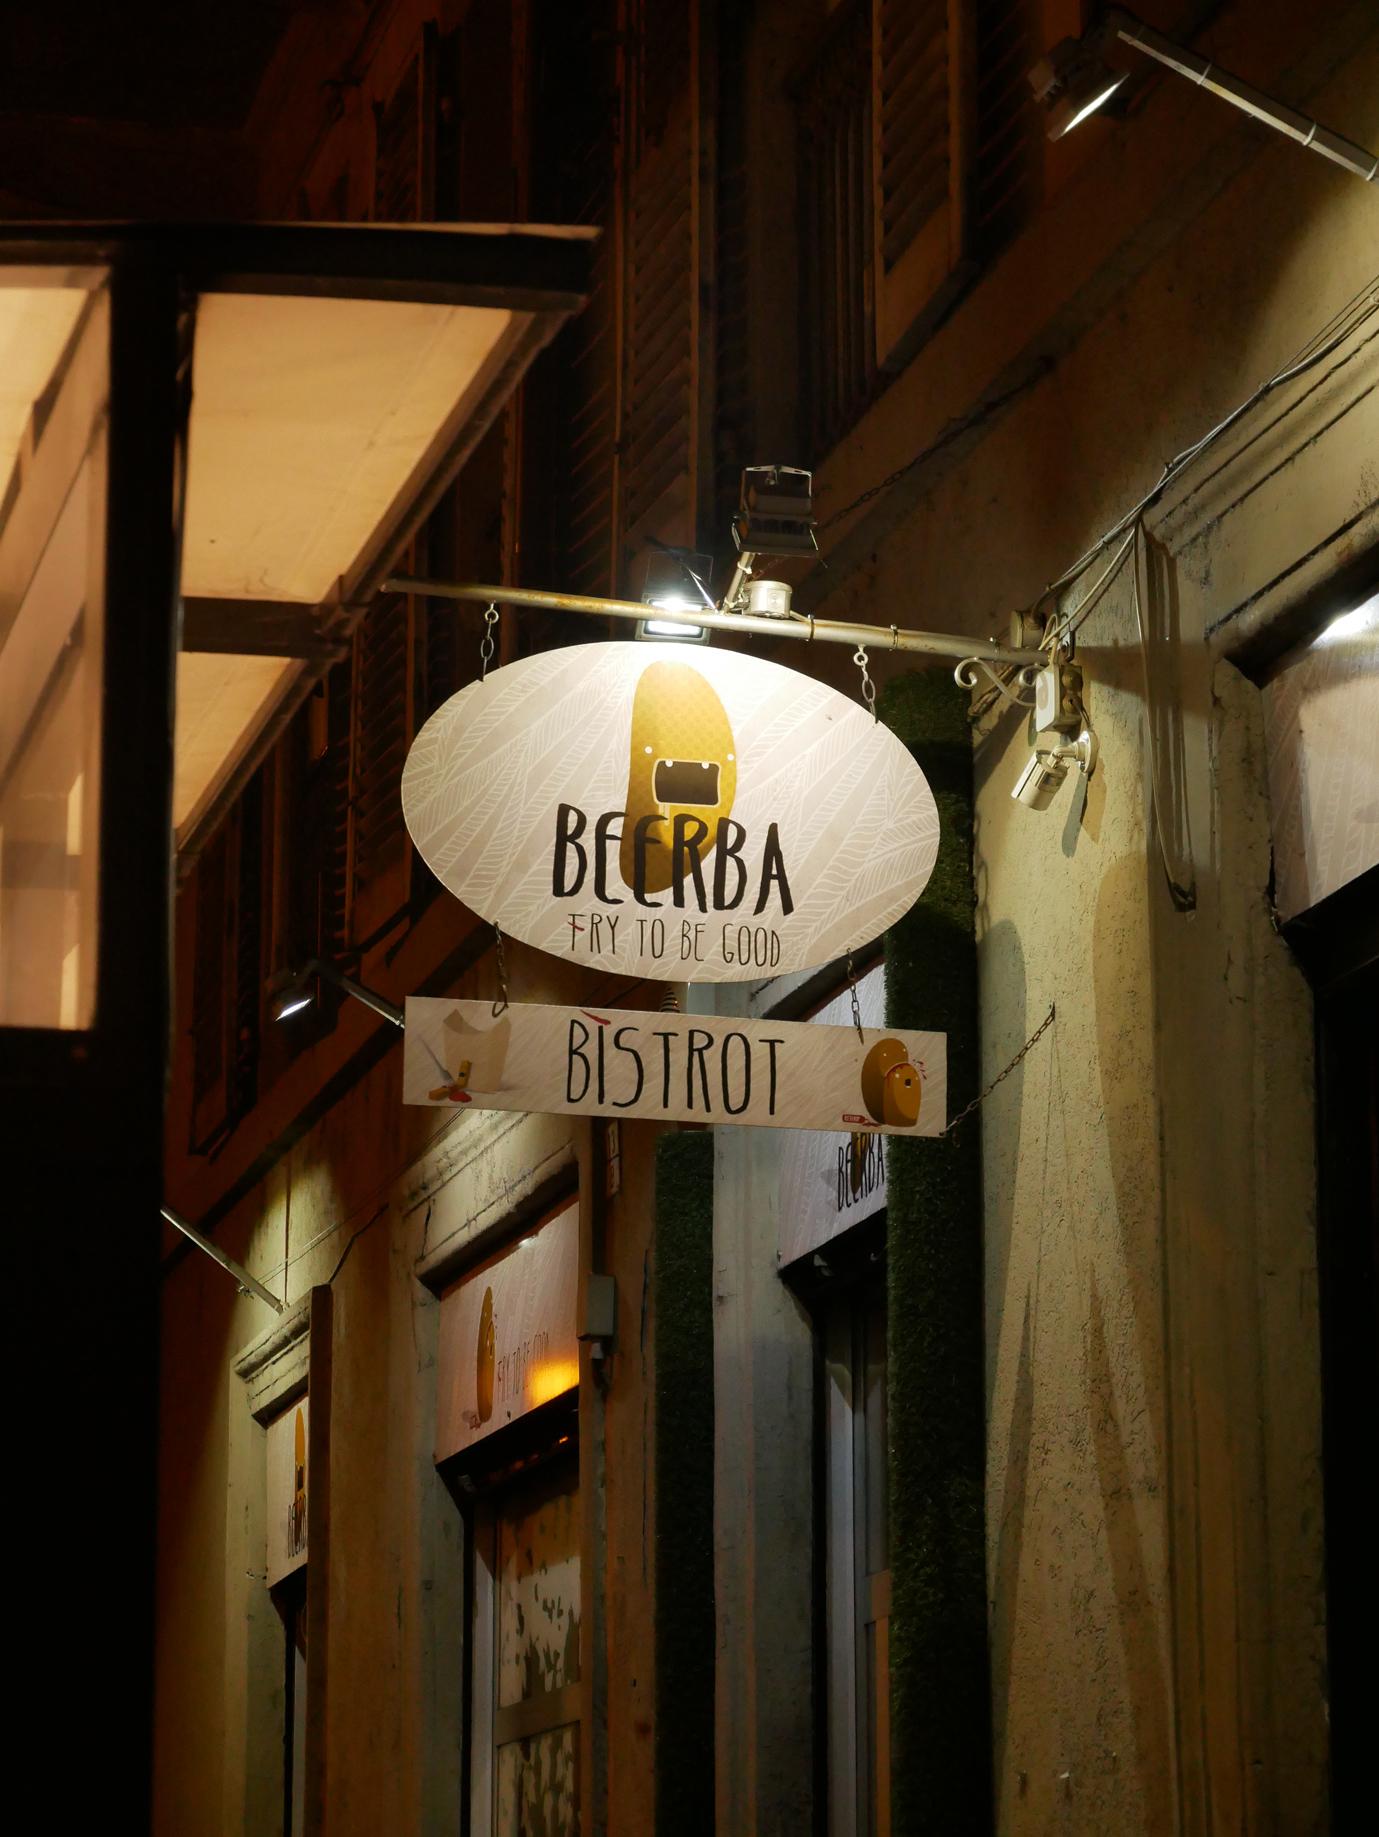 Beerba sign